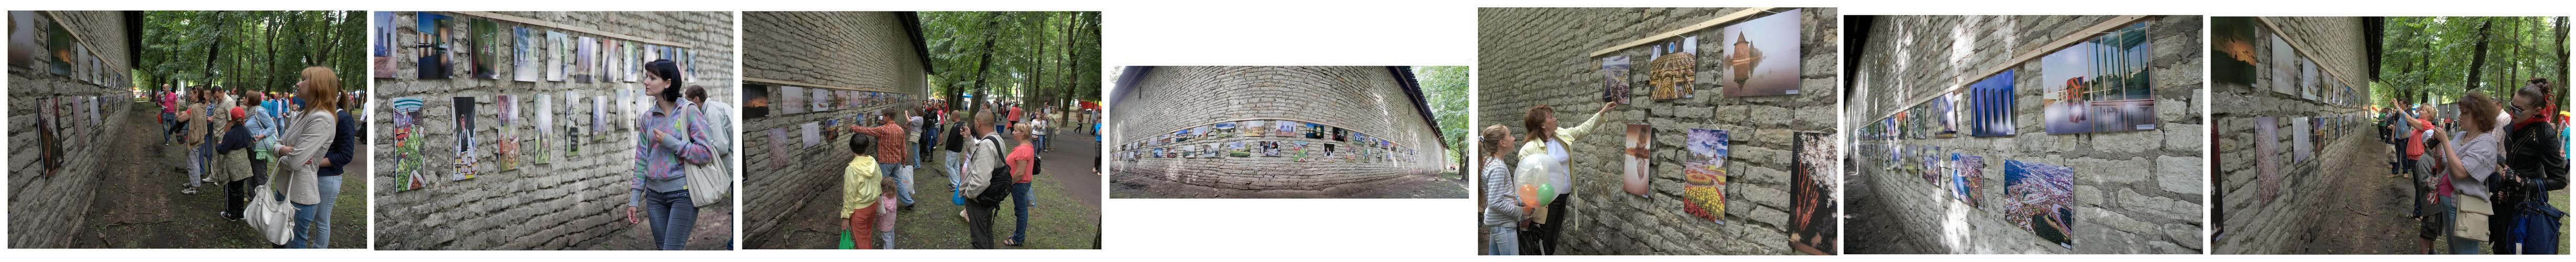 Fotografie verbindet - Bilder einer Ausstellung